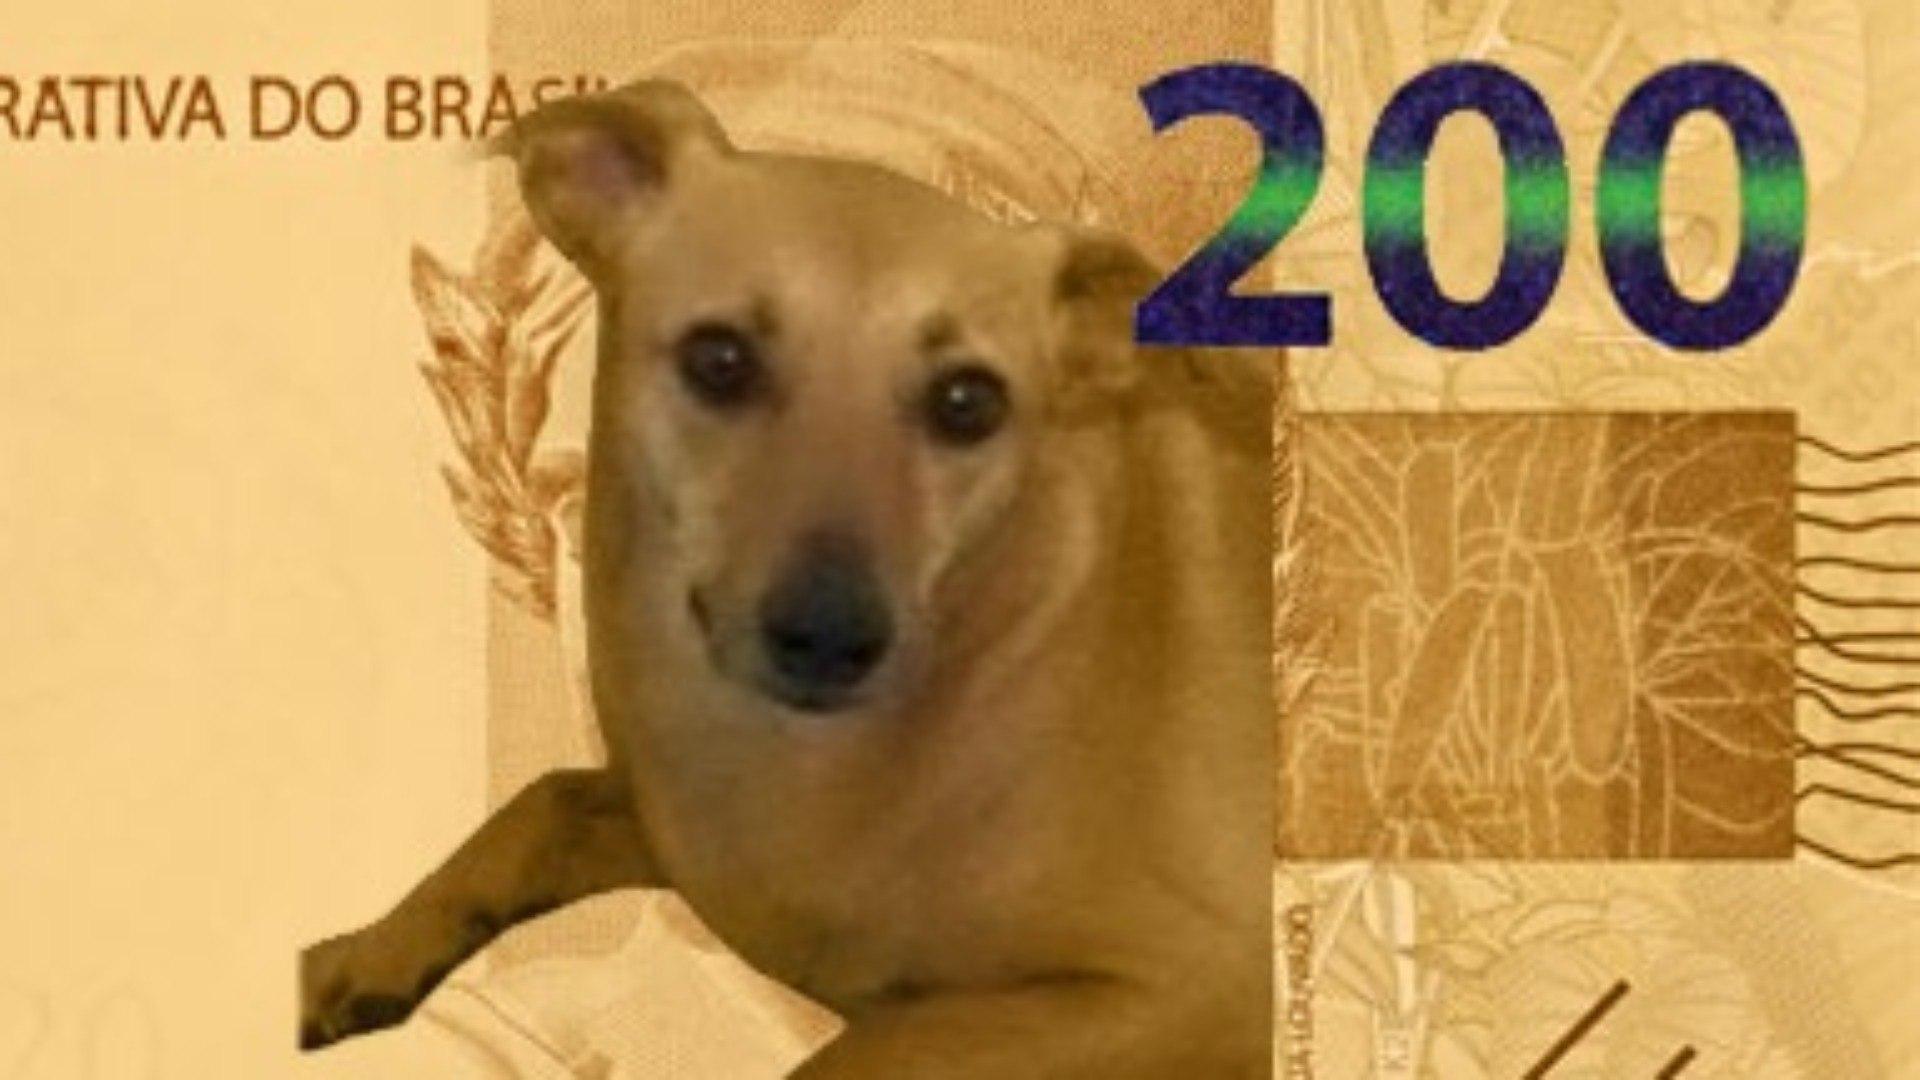 Fora da nota de R$ 200, vira-lata caramelo deve virar moeda